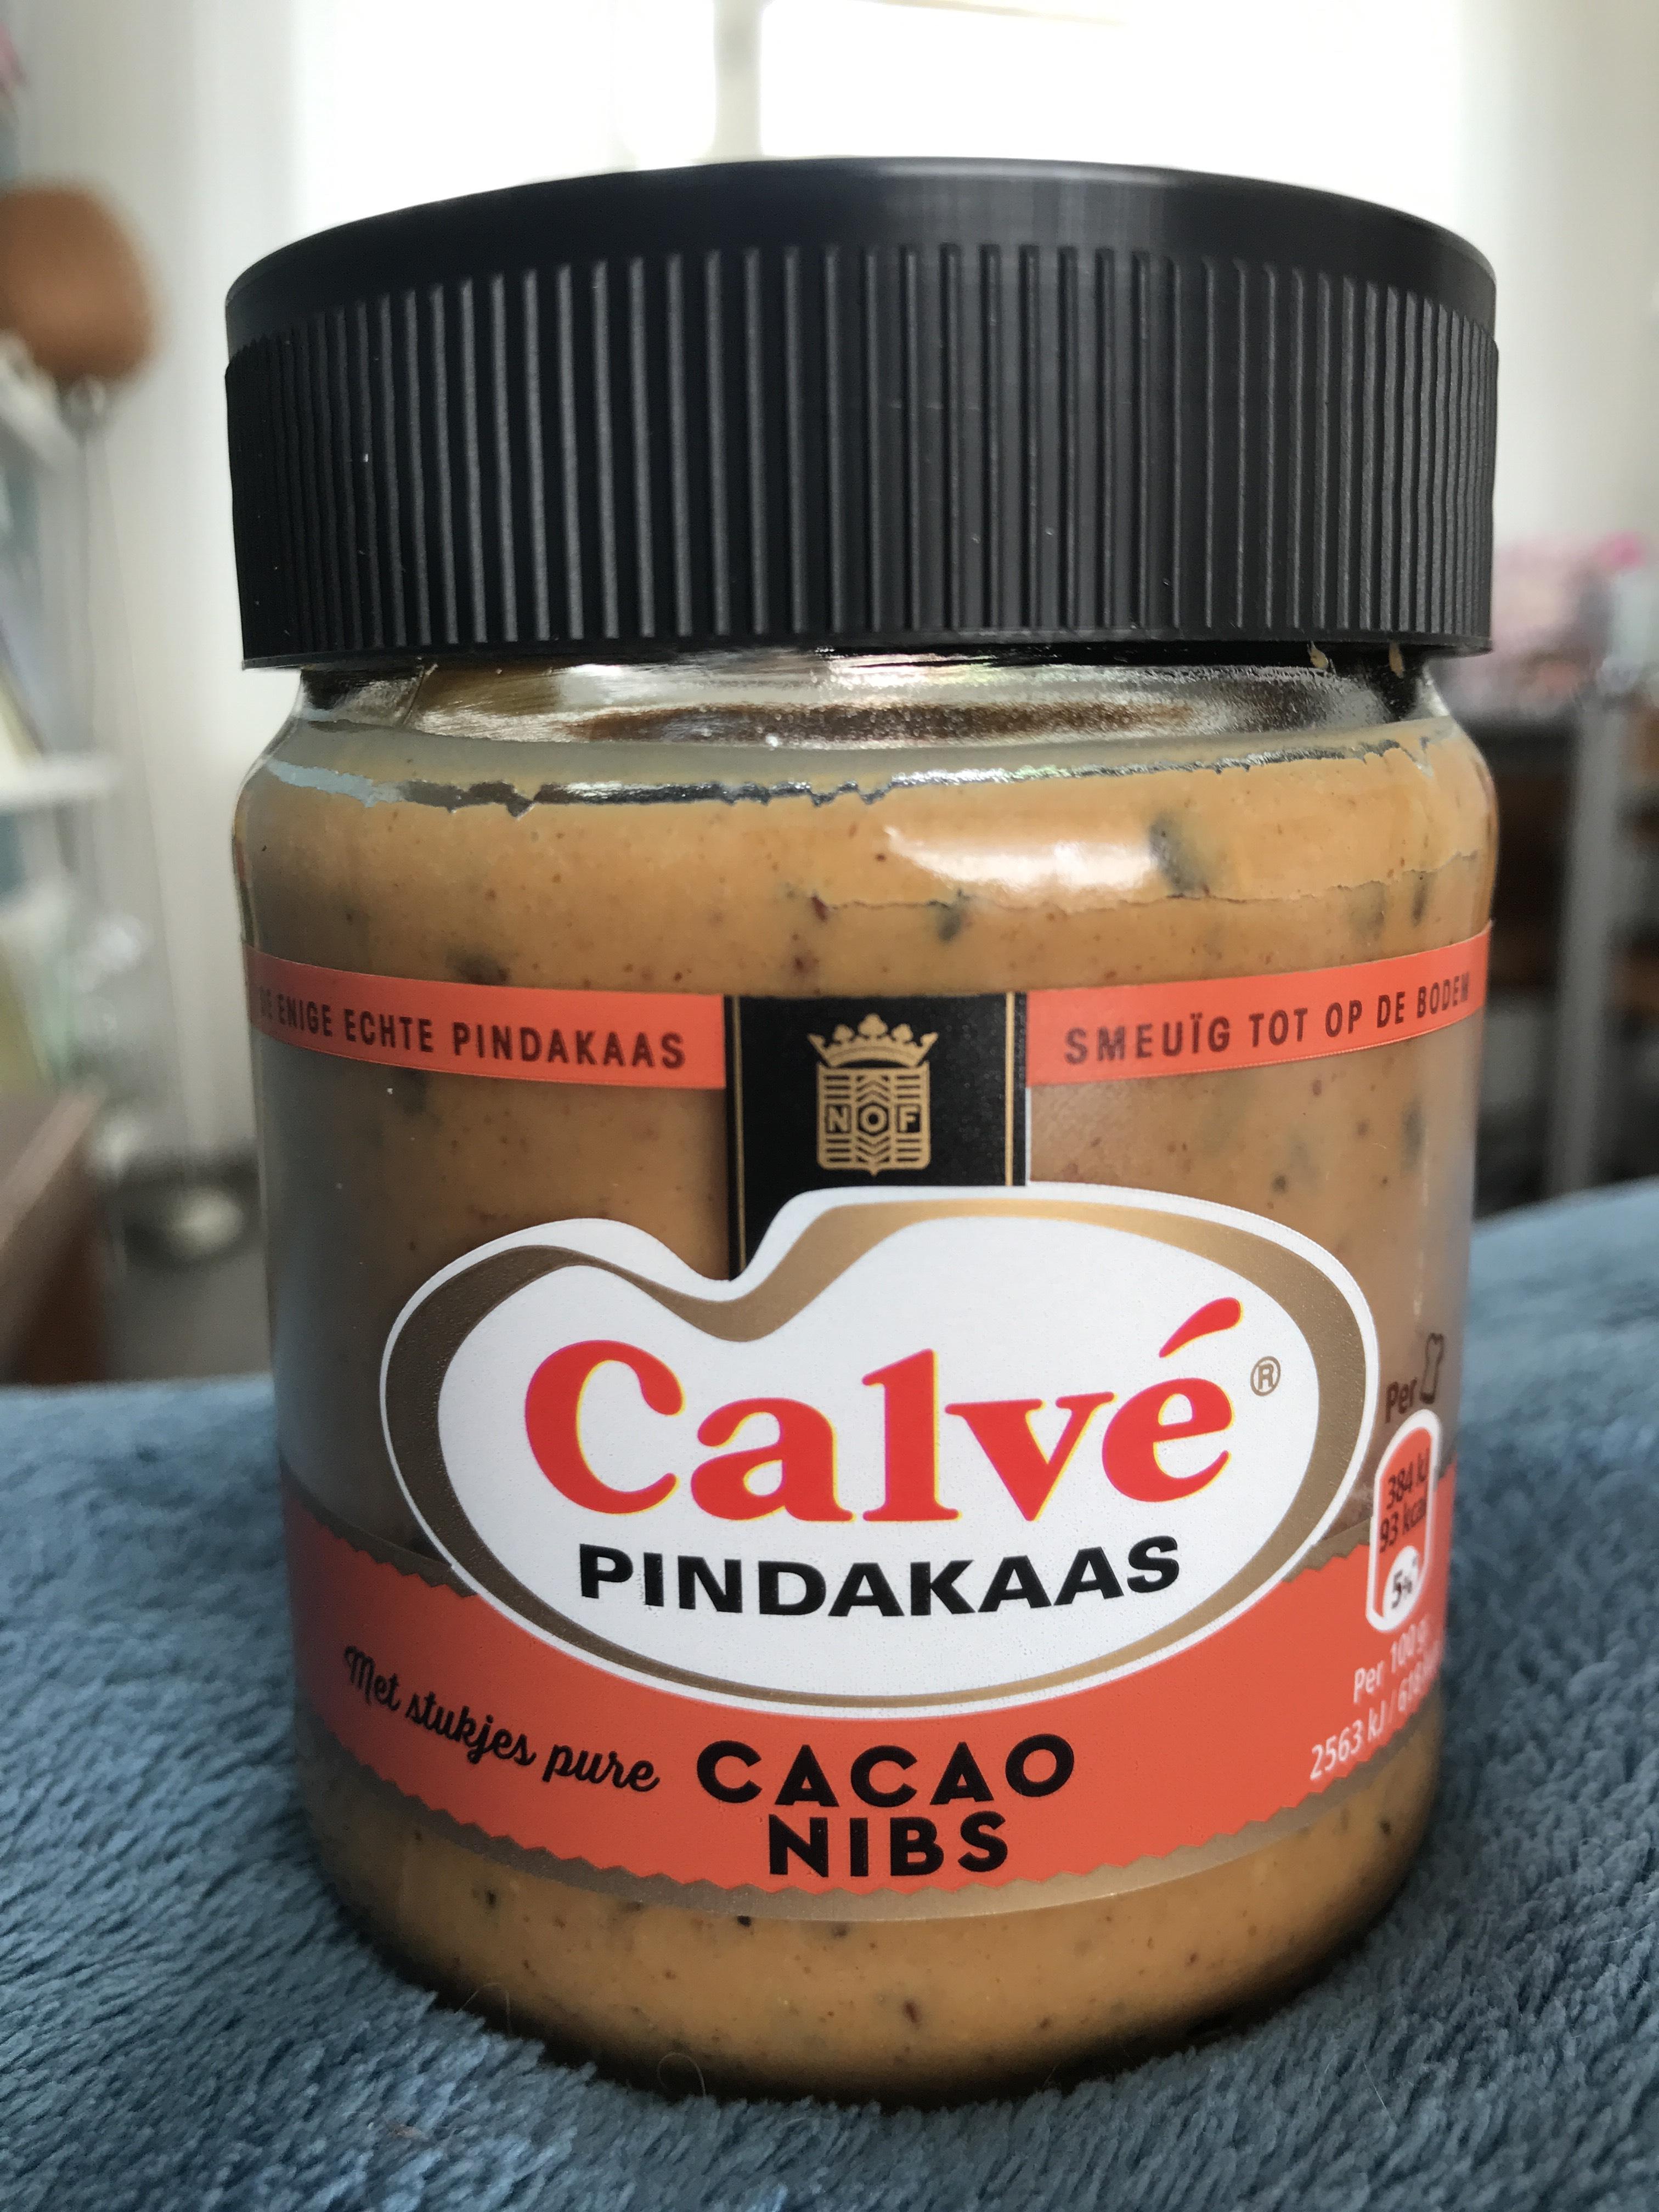 Calvé pindakaas cacao nibs €0,50 Xenos